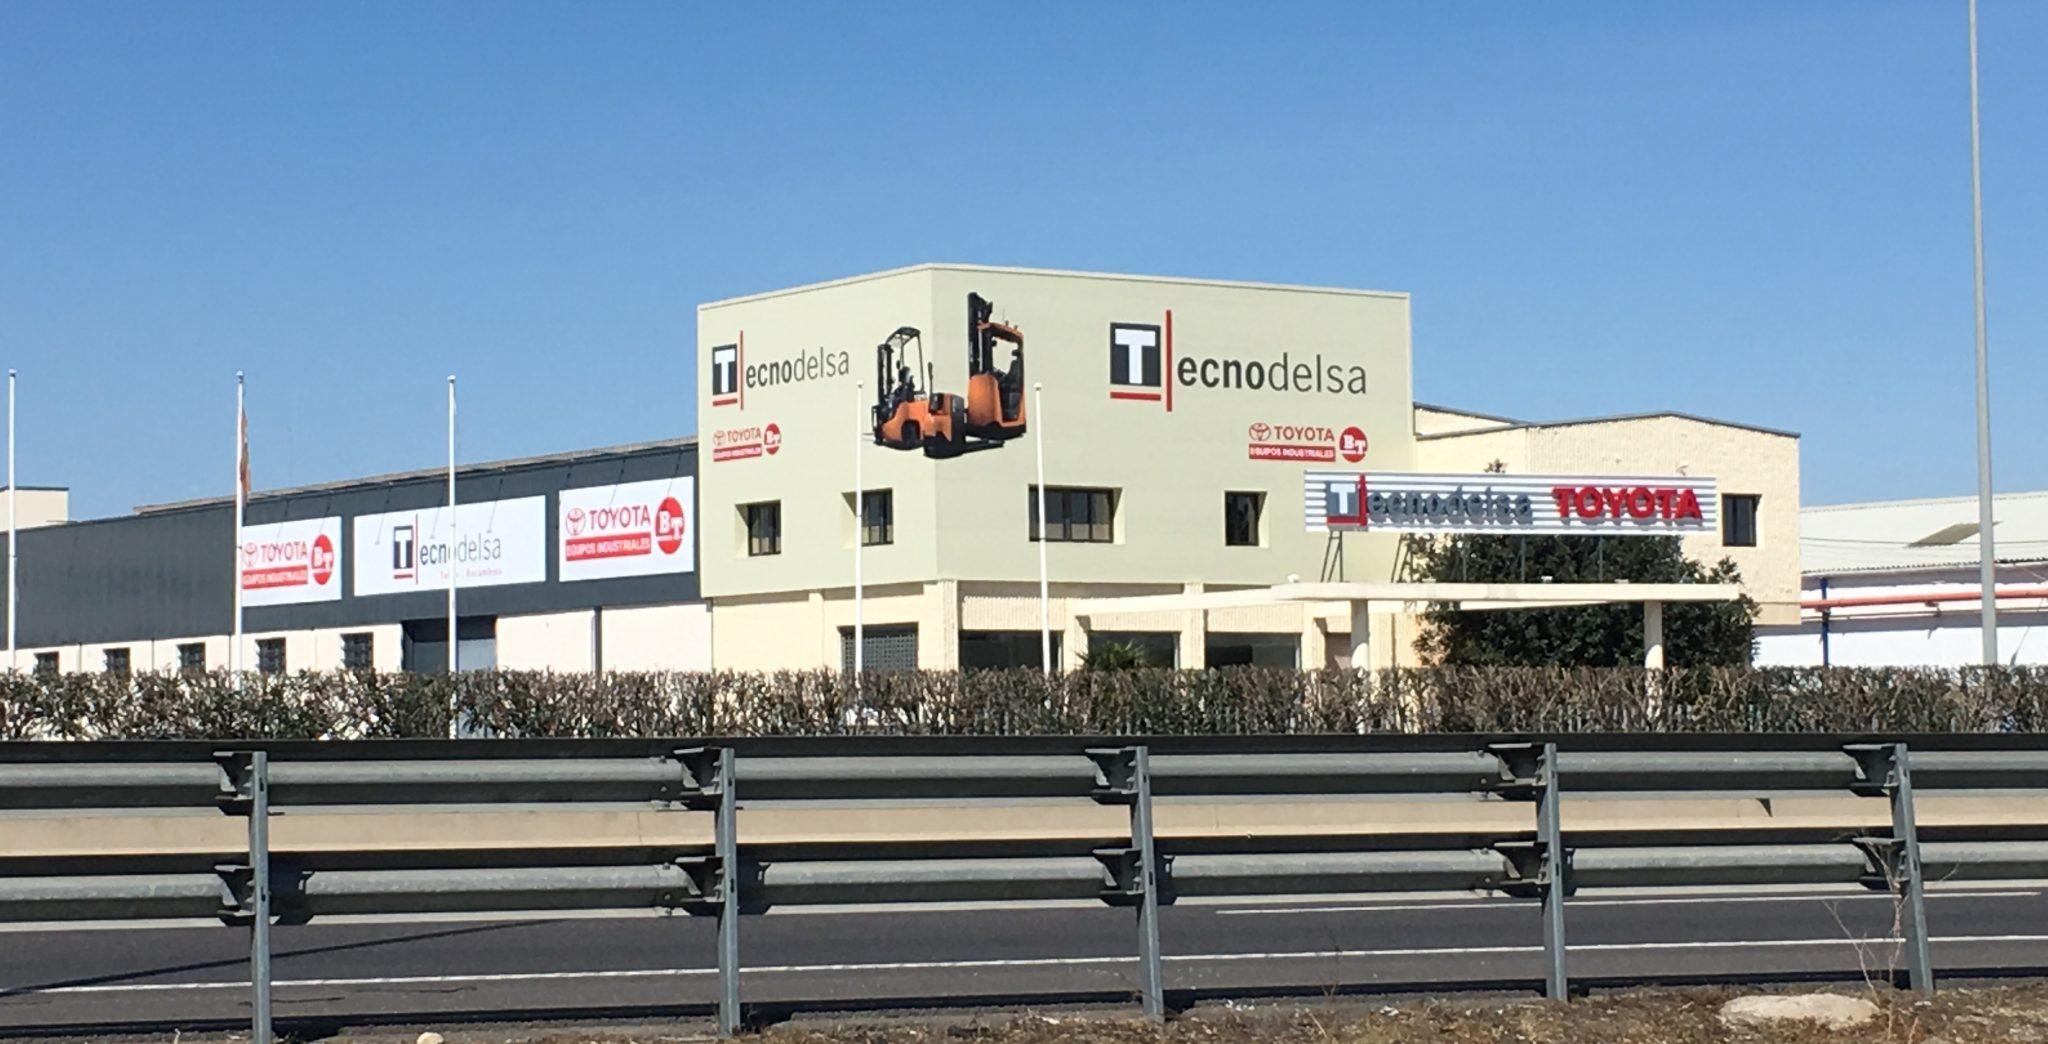 Instalaciones Tecnodelsa - carretillas elevadoras Toyota